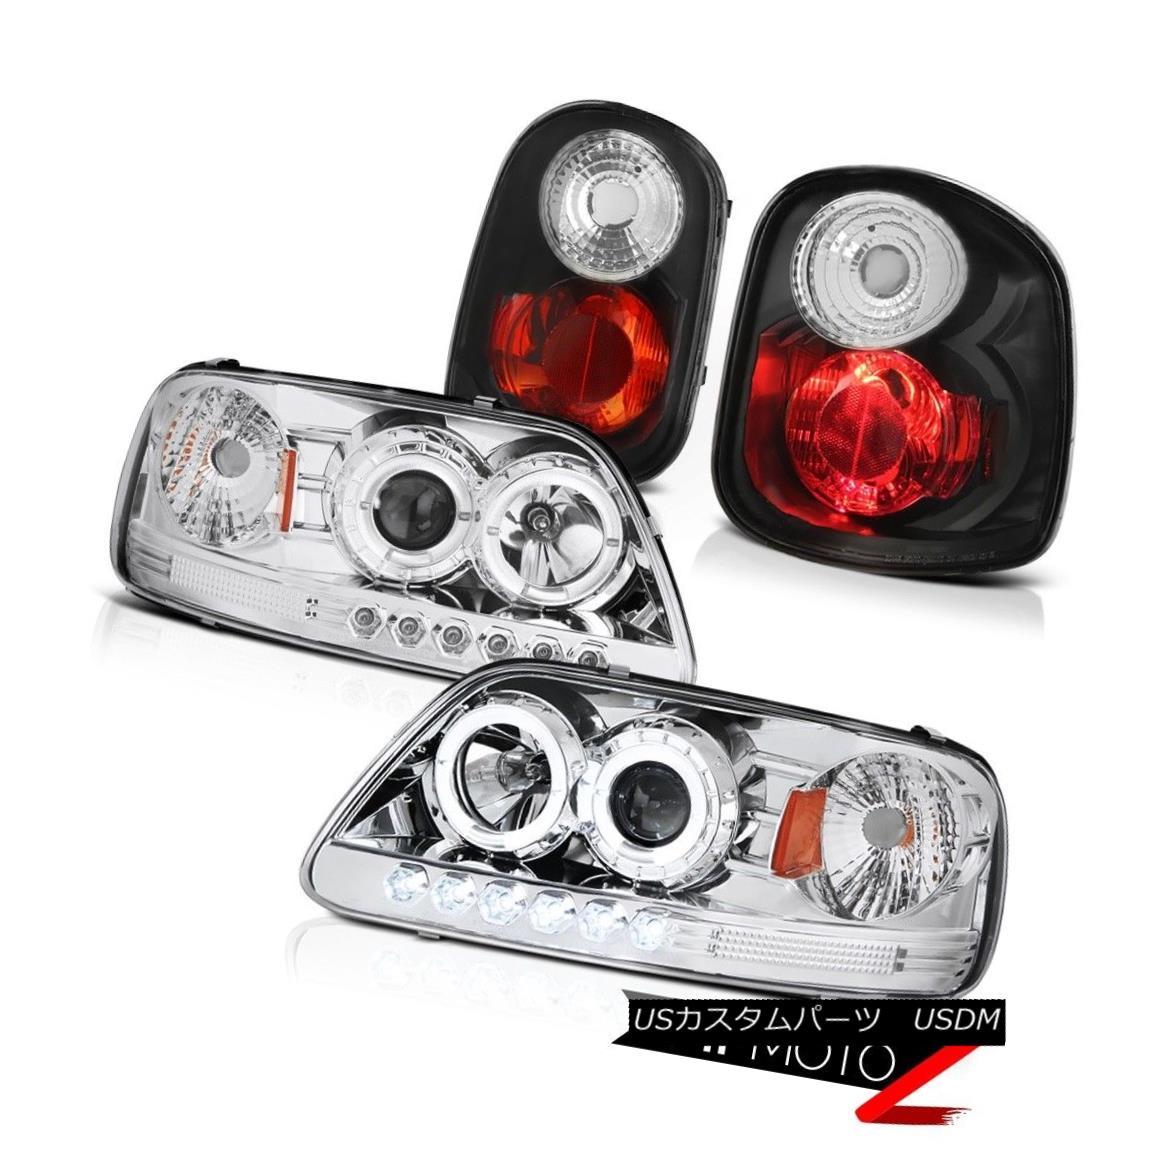 テールライト Chrome Halo LED Headlights Rear Black Taillamps 2001-2003 F150 Flareside 4.2L クロームハローLEDヘッドライトリアブラックタイランプ2001-2003 F150フラレイド4.2L